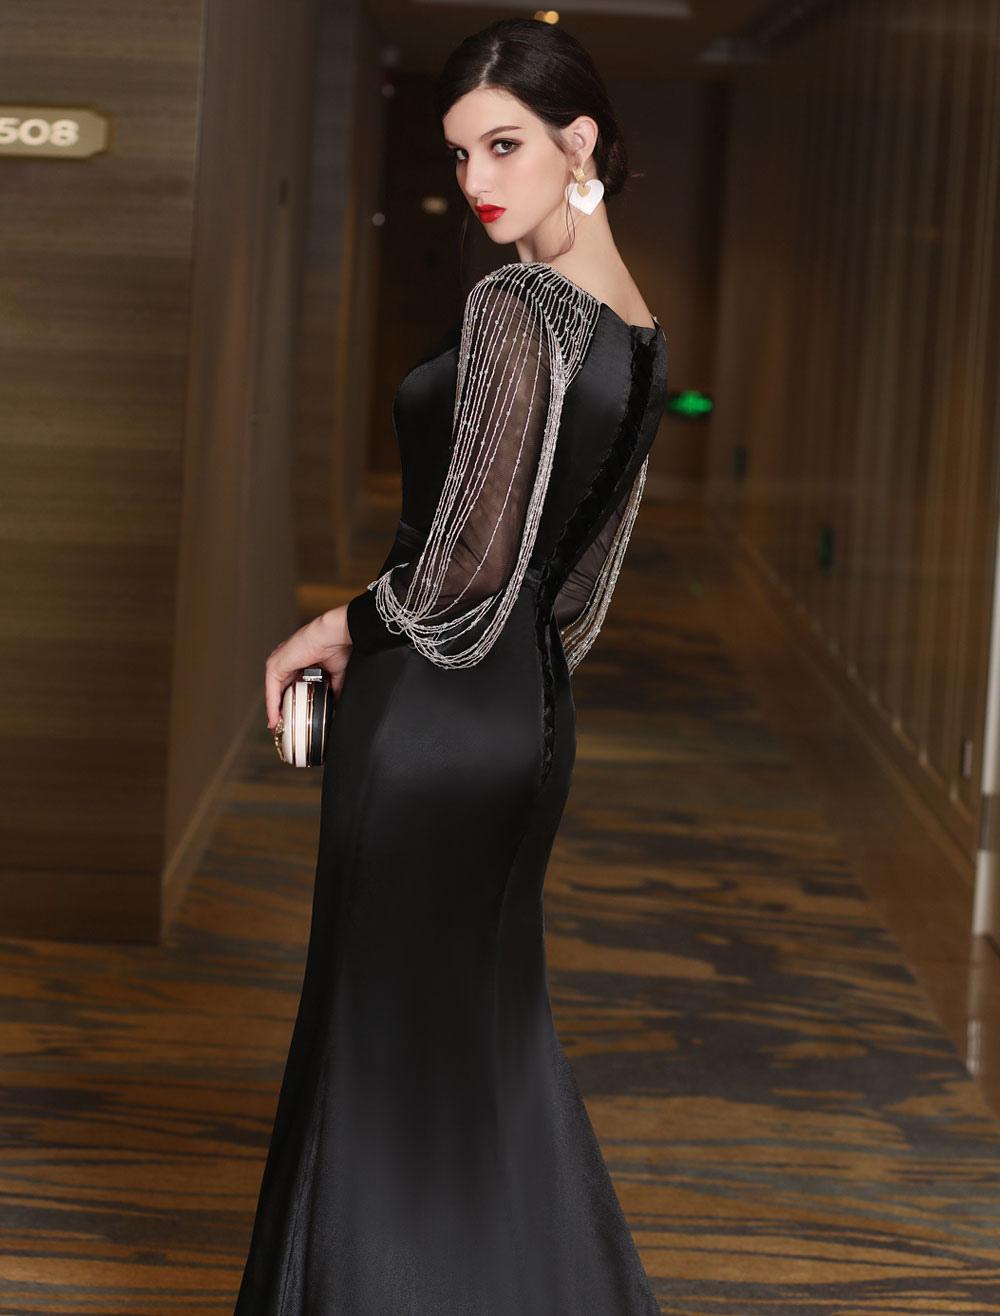 Schwarze Abendkleider Luxus Meerjungfrau Mutter Kleid lange Ärmel ...